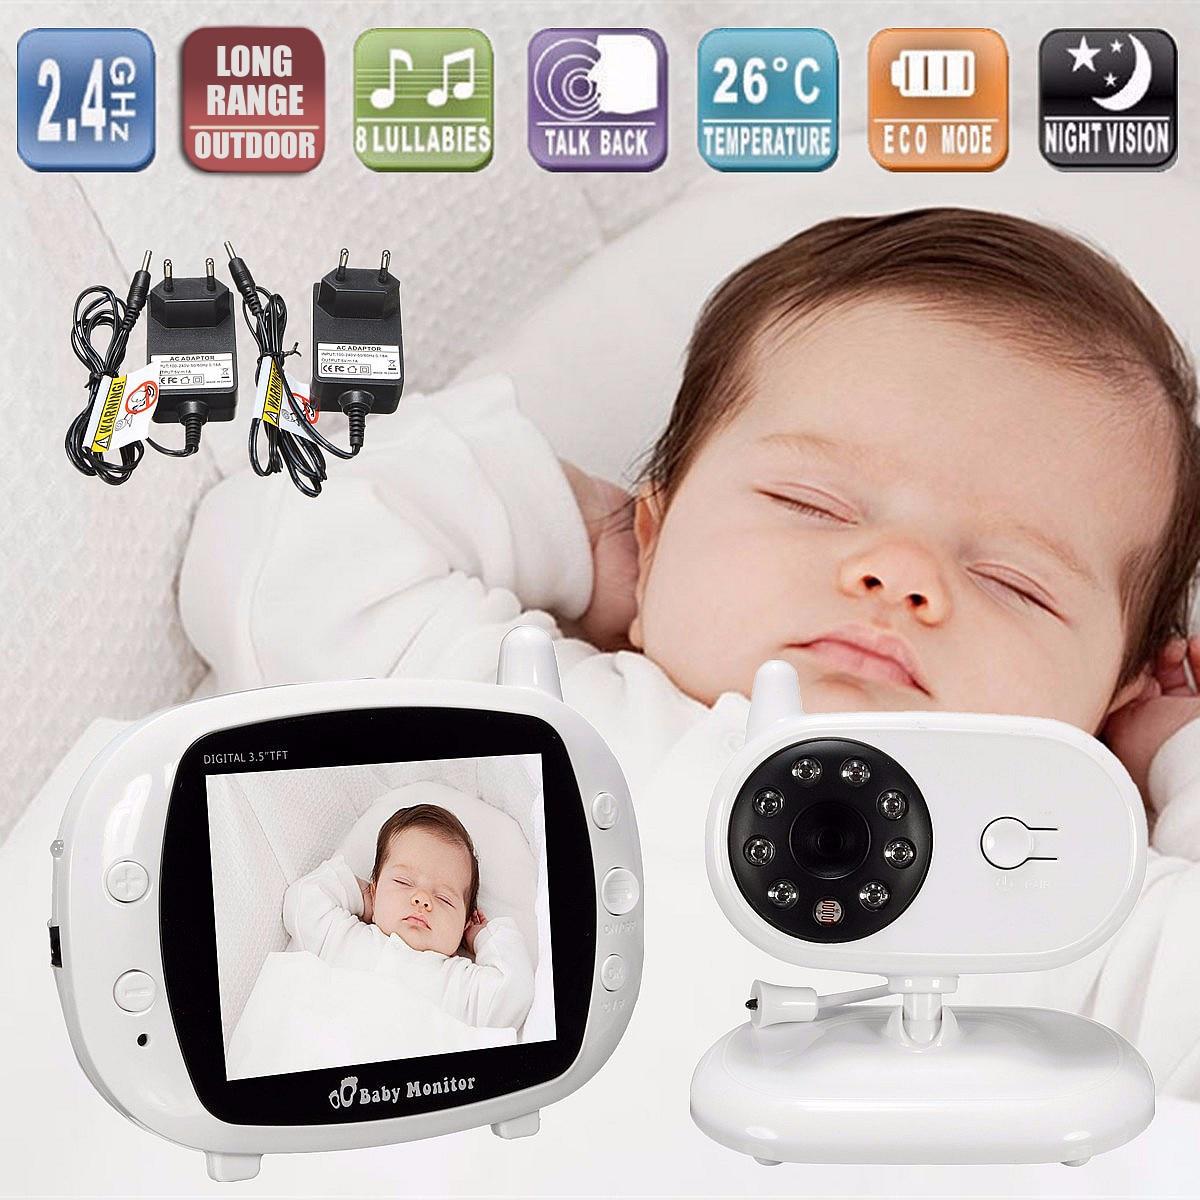 2.4G sans fil numérique 3.5 LCD bébé moniteur Wifi caméra Audio parler vidéo Vision nocturne haute résolution sécurité à domicile